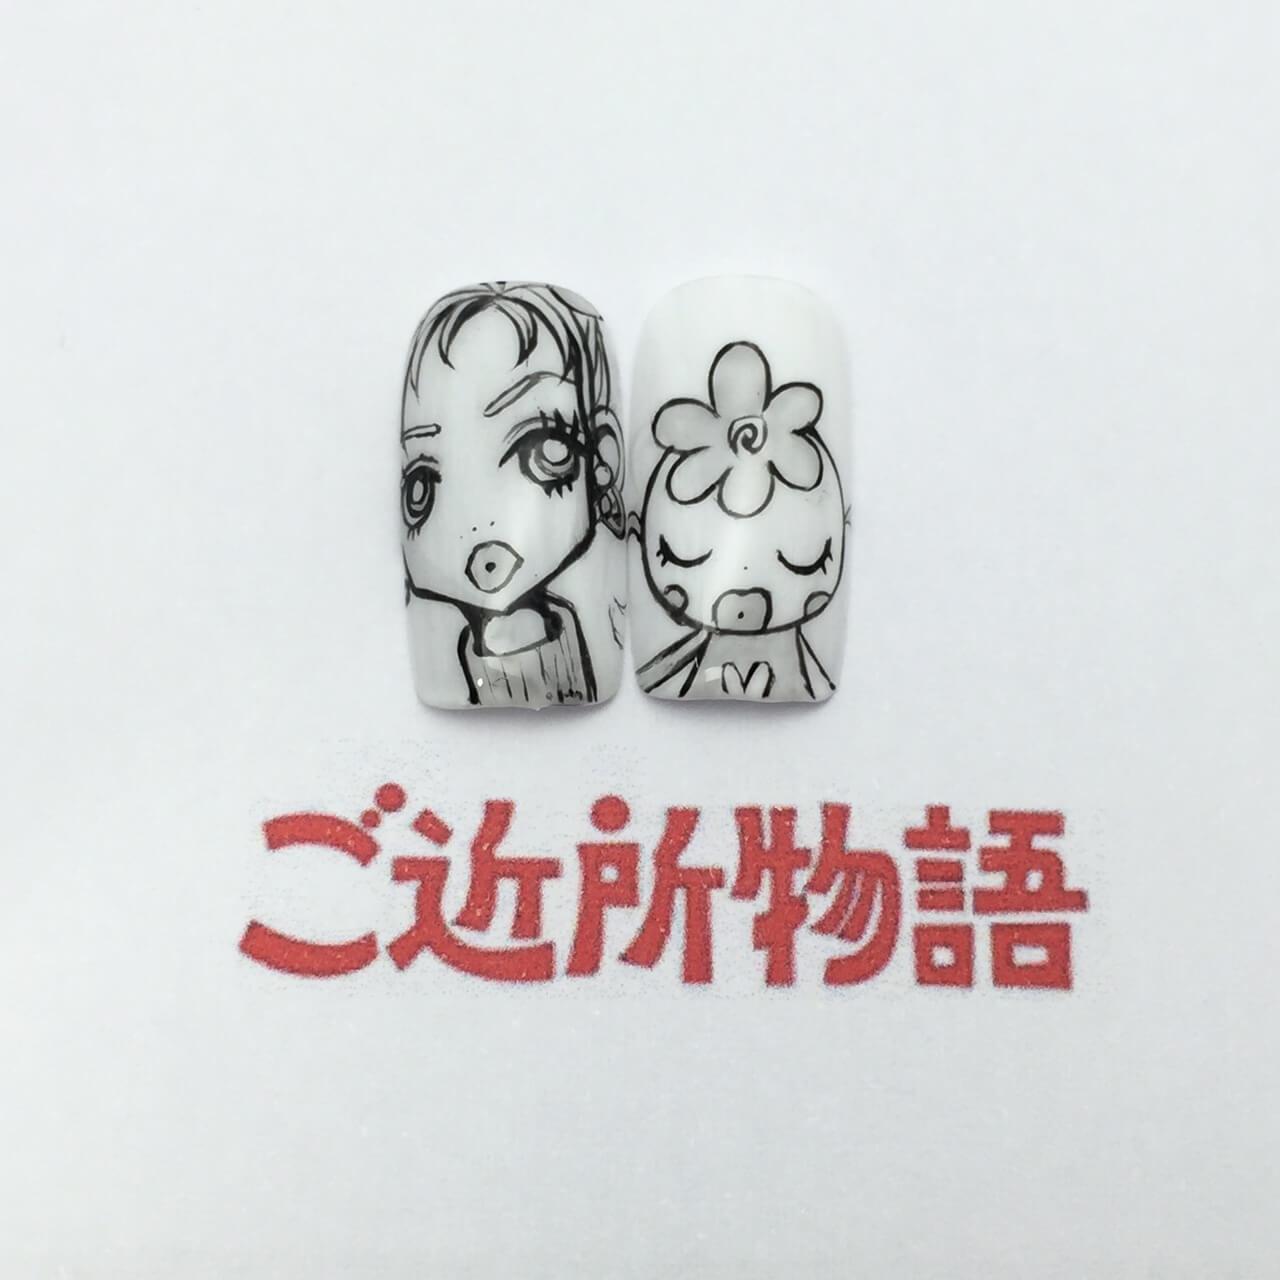 【ご近所物語ネイル】美果子とハッピーベリーちゃん